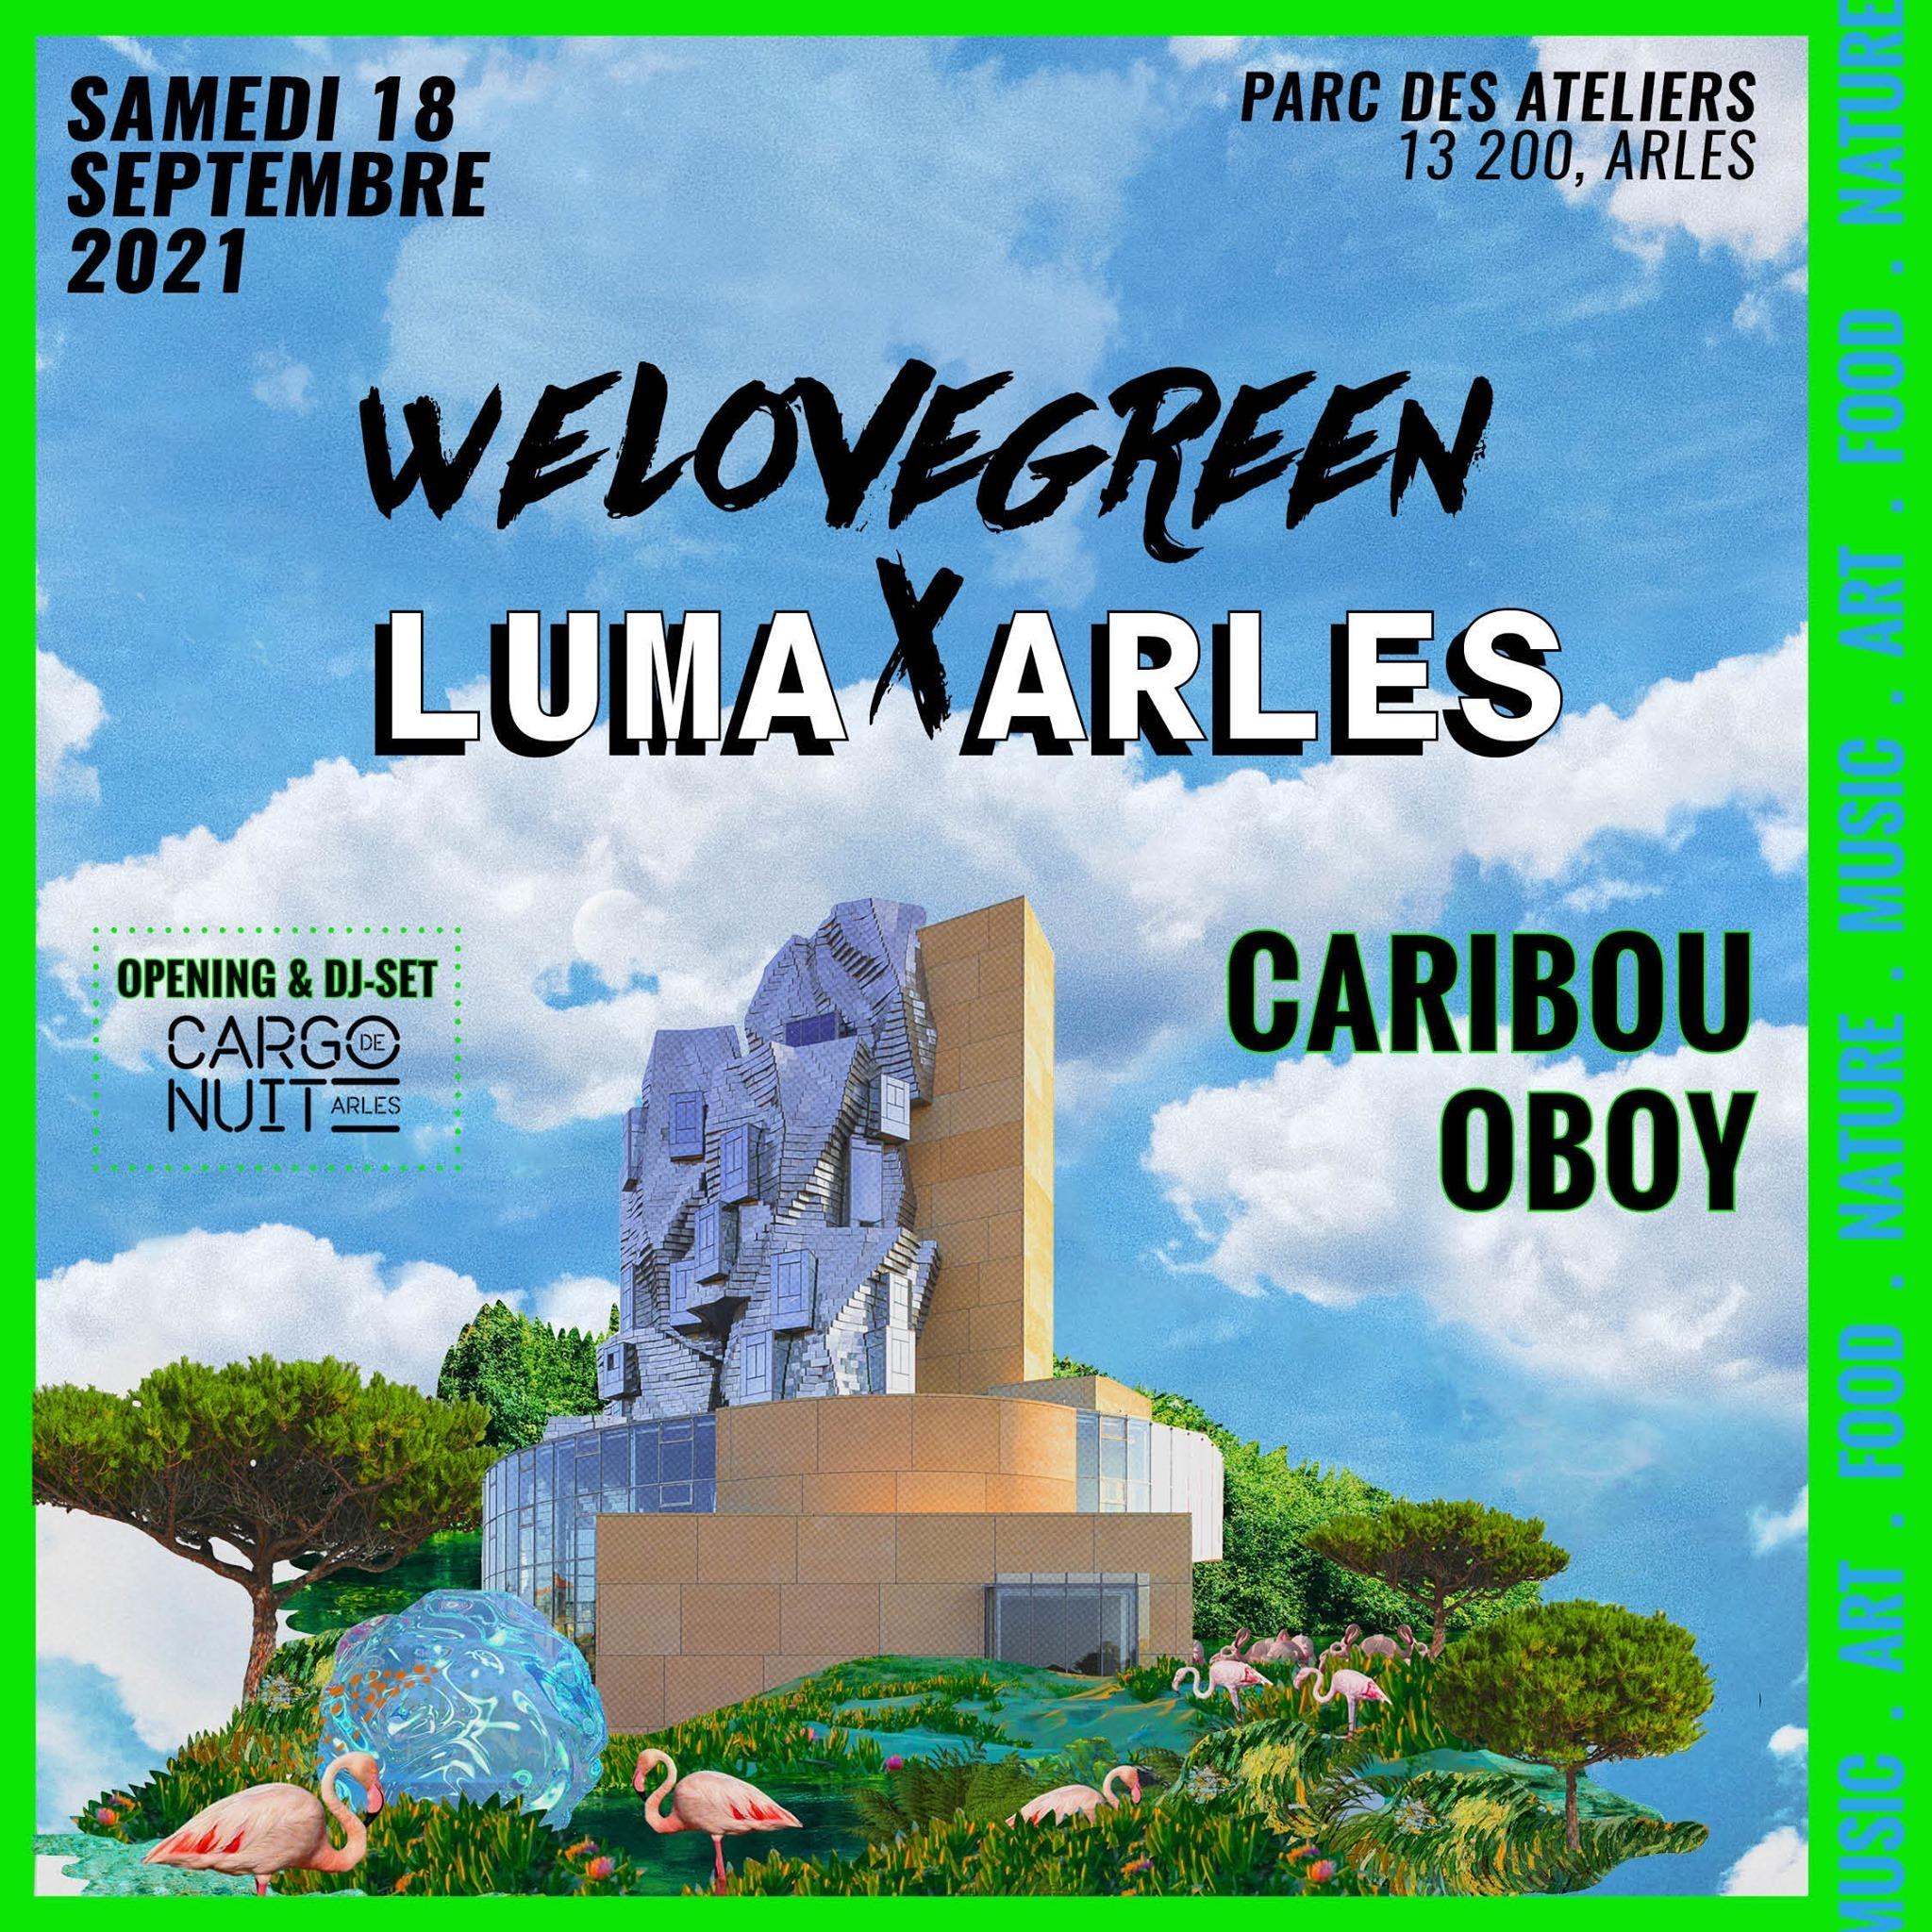 Deux ans après la première collaboration avec LUMA, WE LOVE GREEN revient à Arles pour une soirée d'art, de musique et de partage, le samedi 18 septembre à partir de 19h.